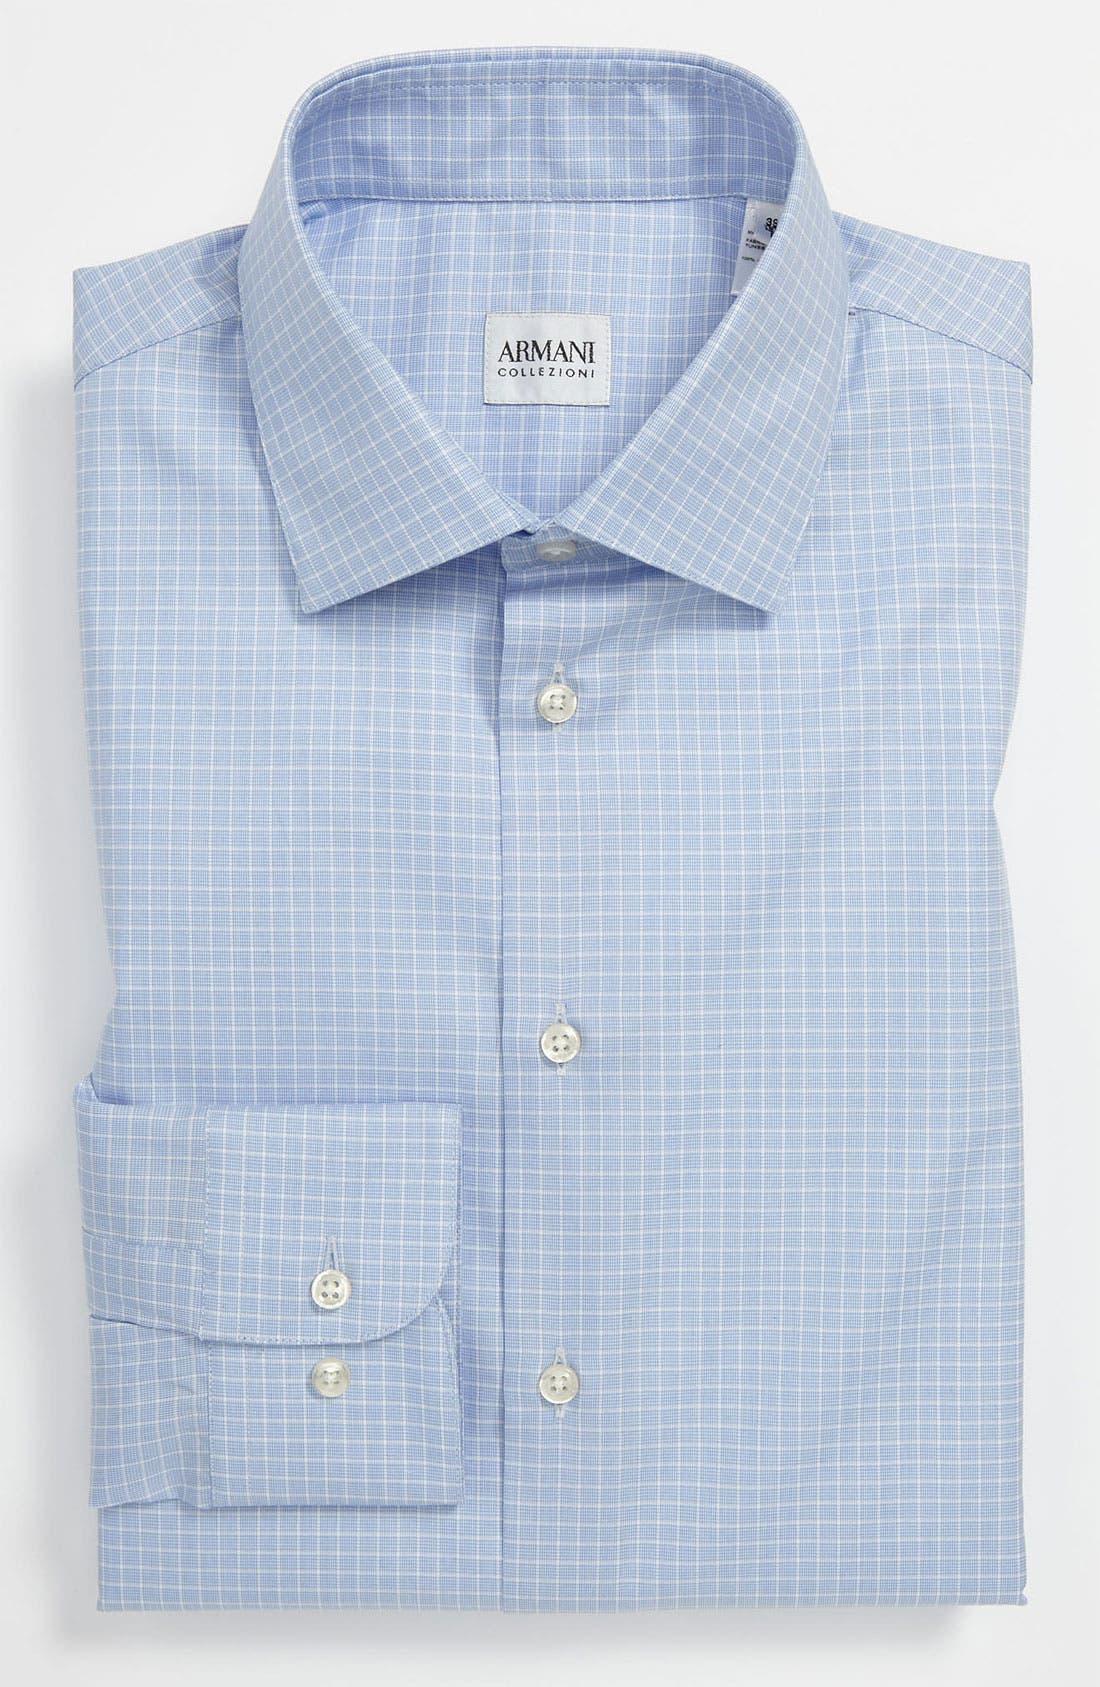 Main Image - Armani Collezioni Modern Fit Dress Shirt